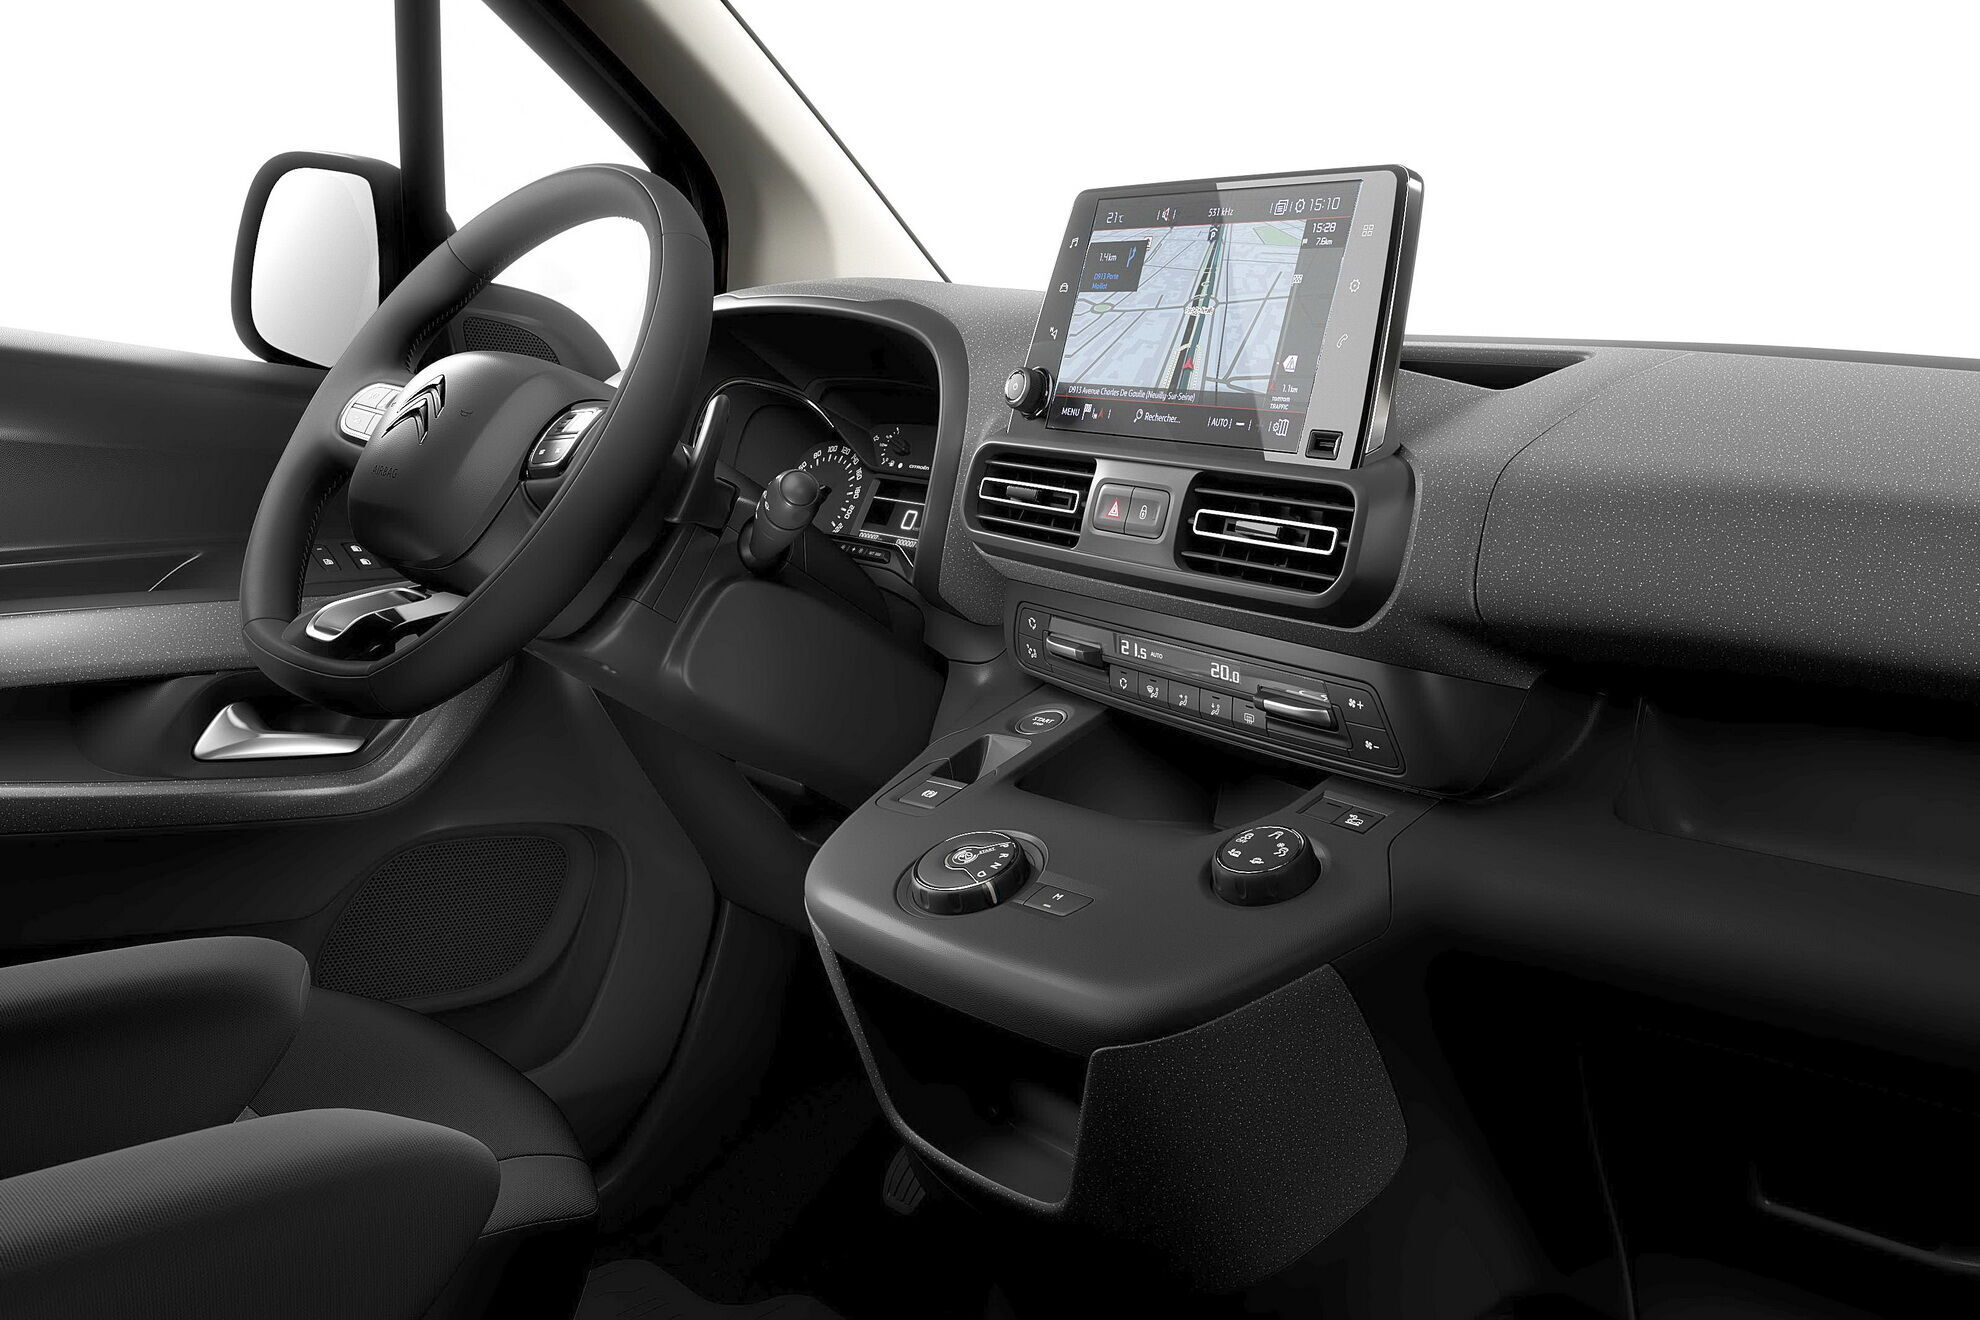 Пасажирський е-Berlingo може запропонувати до 18 корисних систем та технологій, які підвищують безпеку та комфорт поїздок